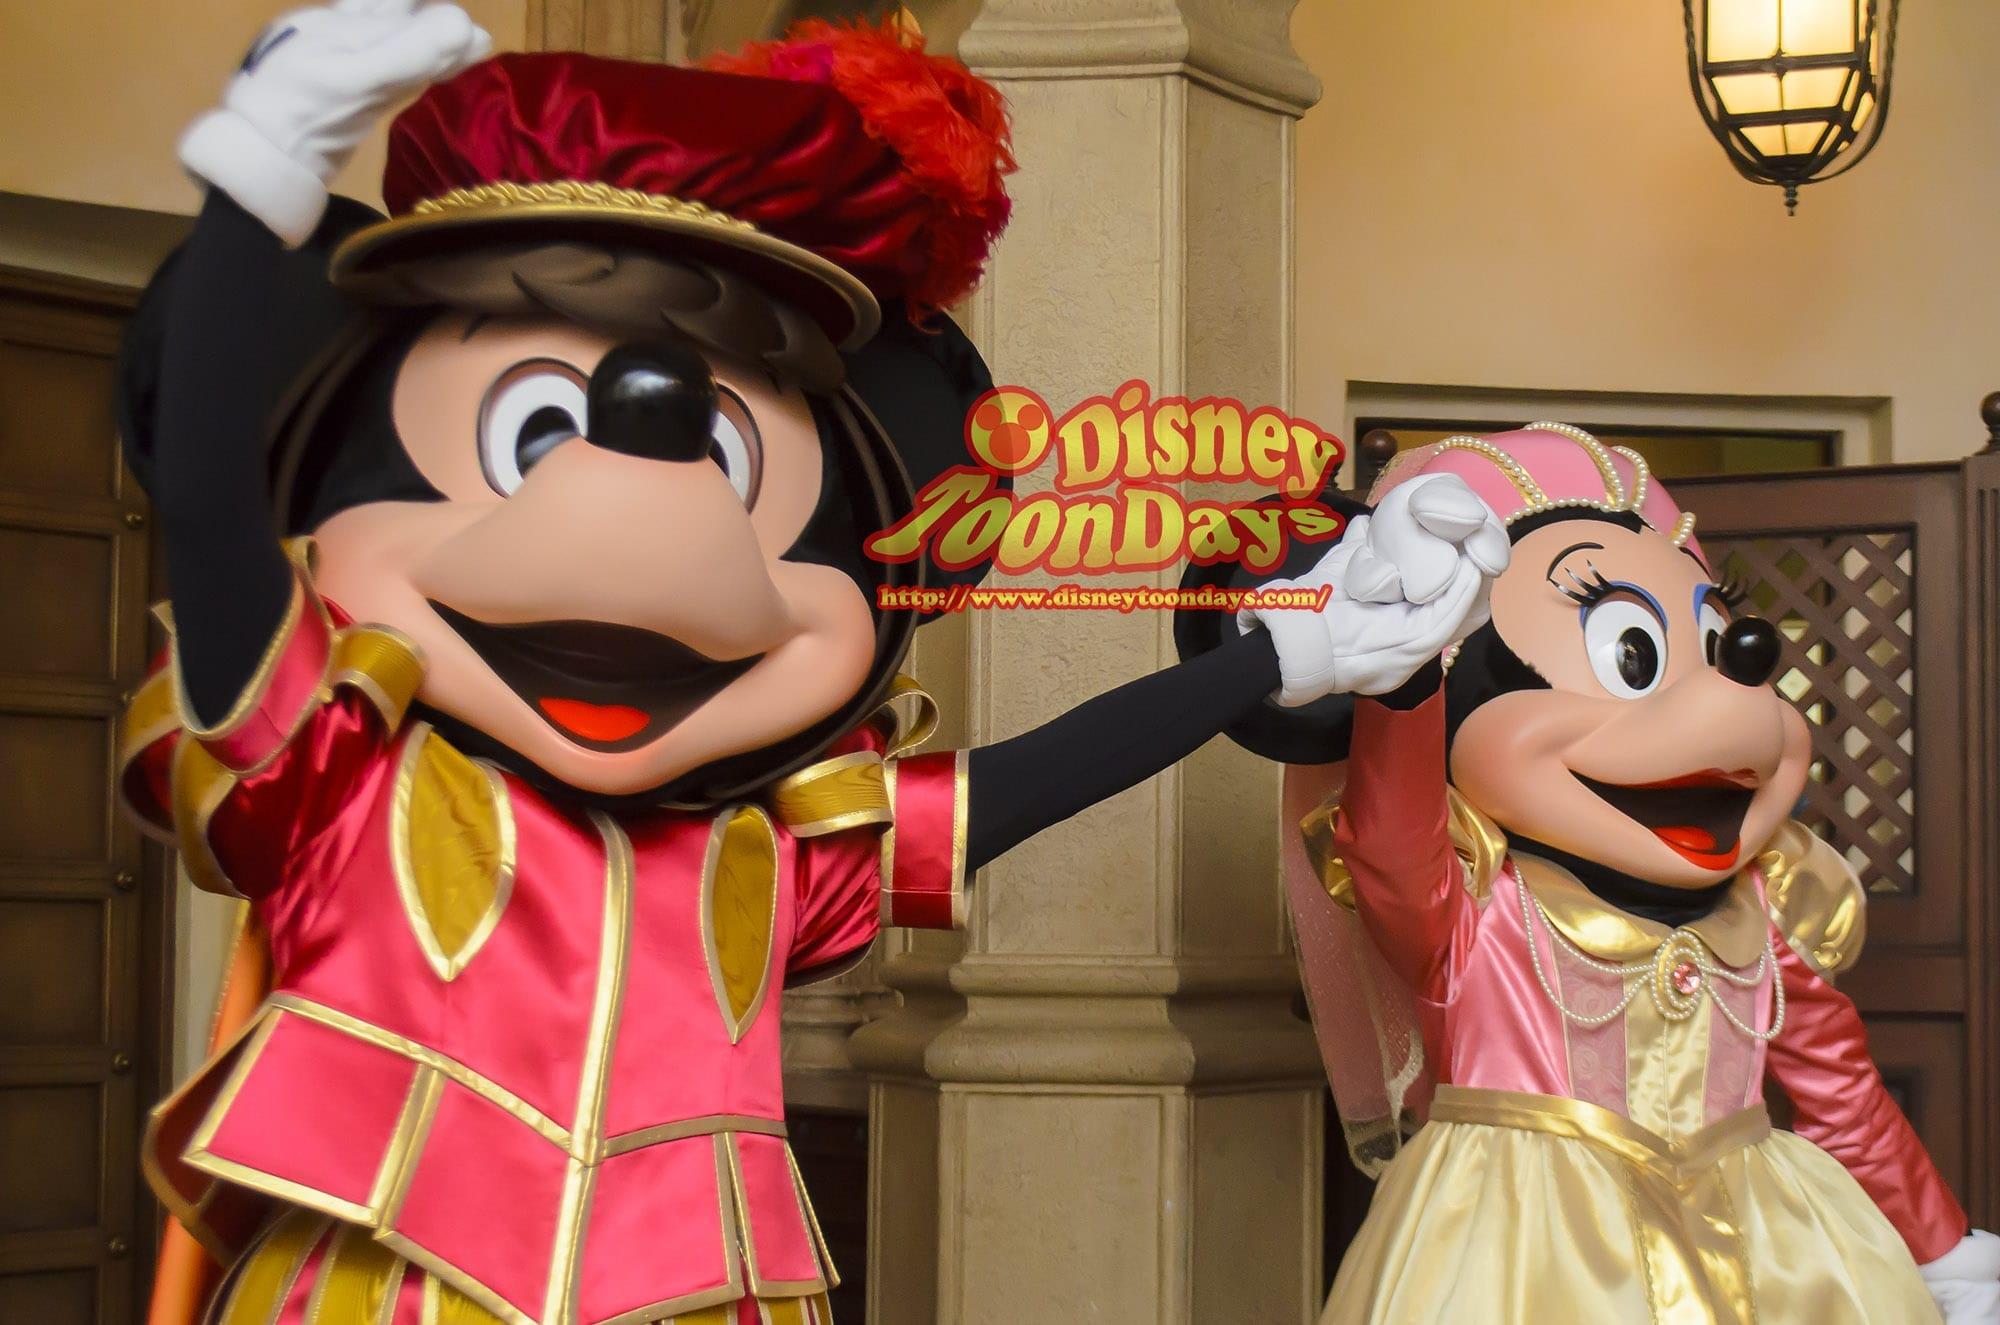 TDS バケーションパッケージ 1日10組限定!ディズニーの仲間たちとスウィーツなひとときを楽しむ2DAYS マゼランズ グリーティング ミッキーマウス ミニーマウス